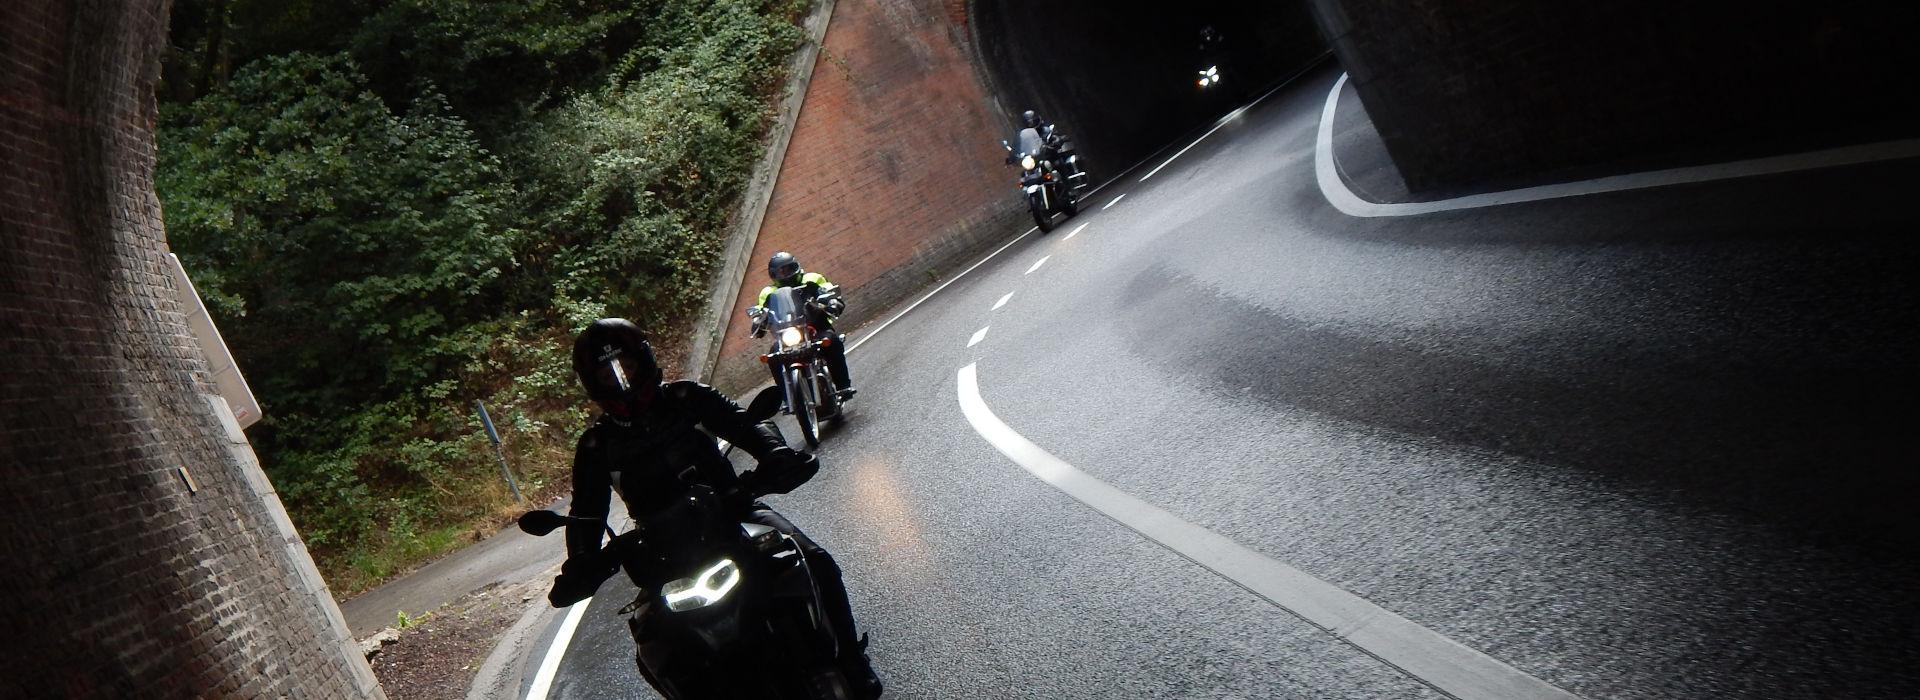 Motorrijbewijspoint Capelle aan den IJssel spoedcursus motorrijbewijs